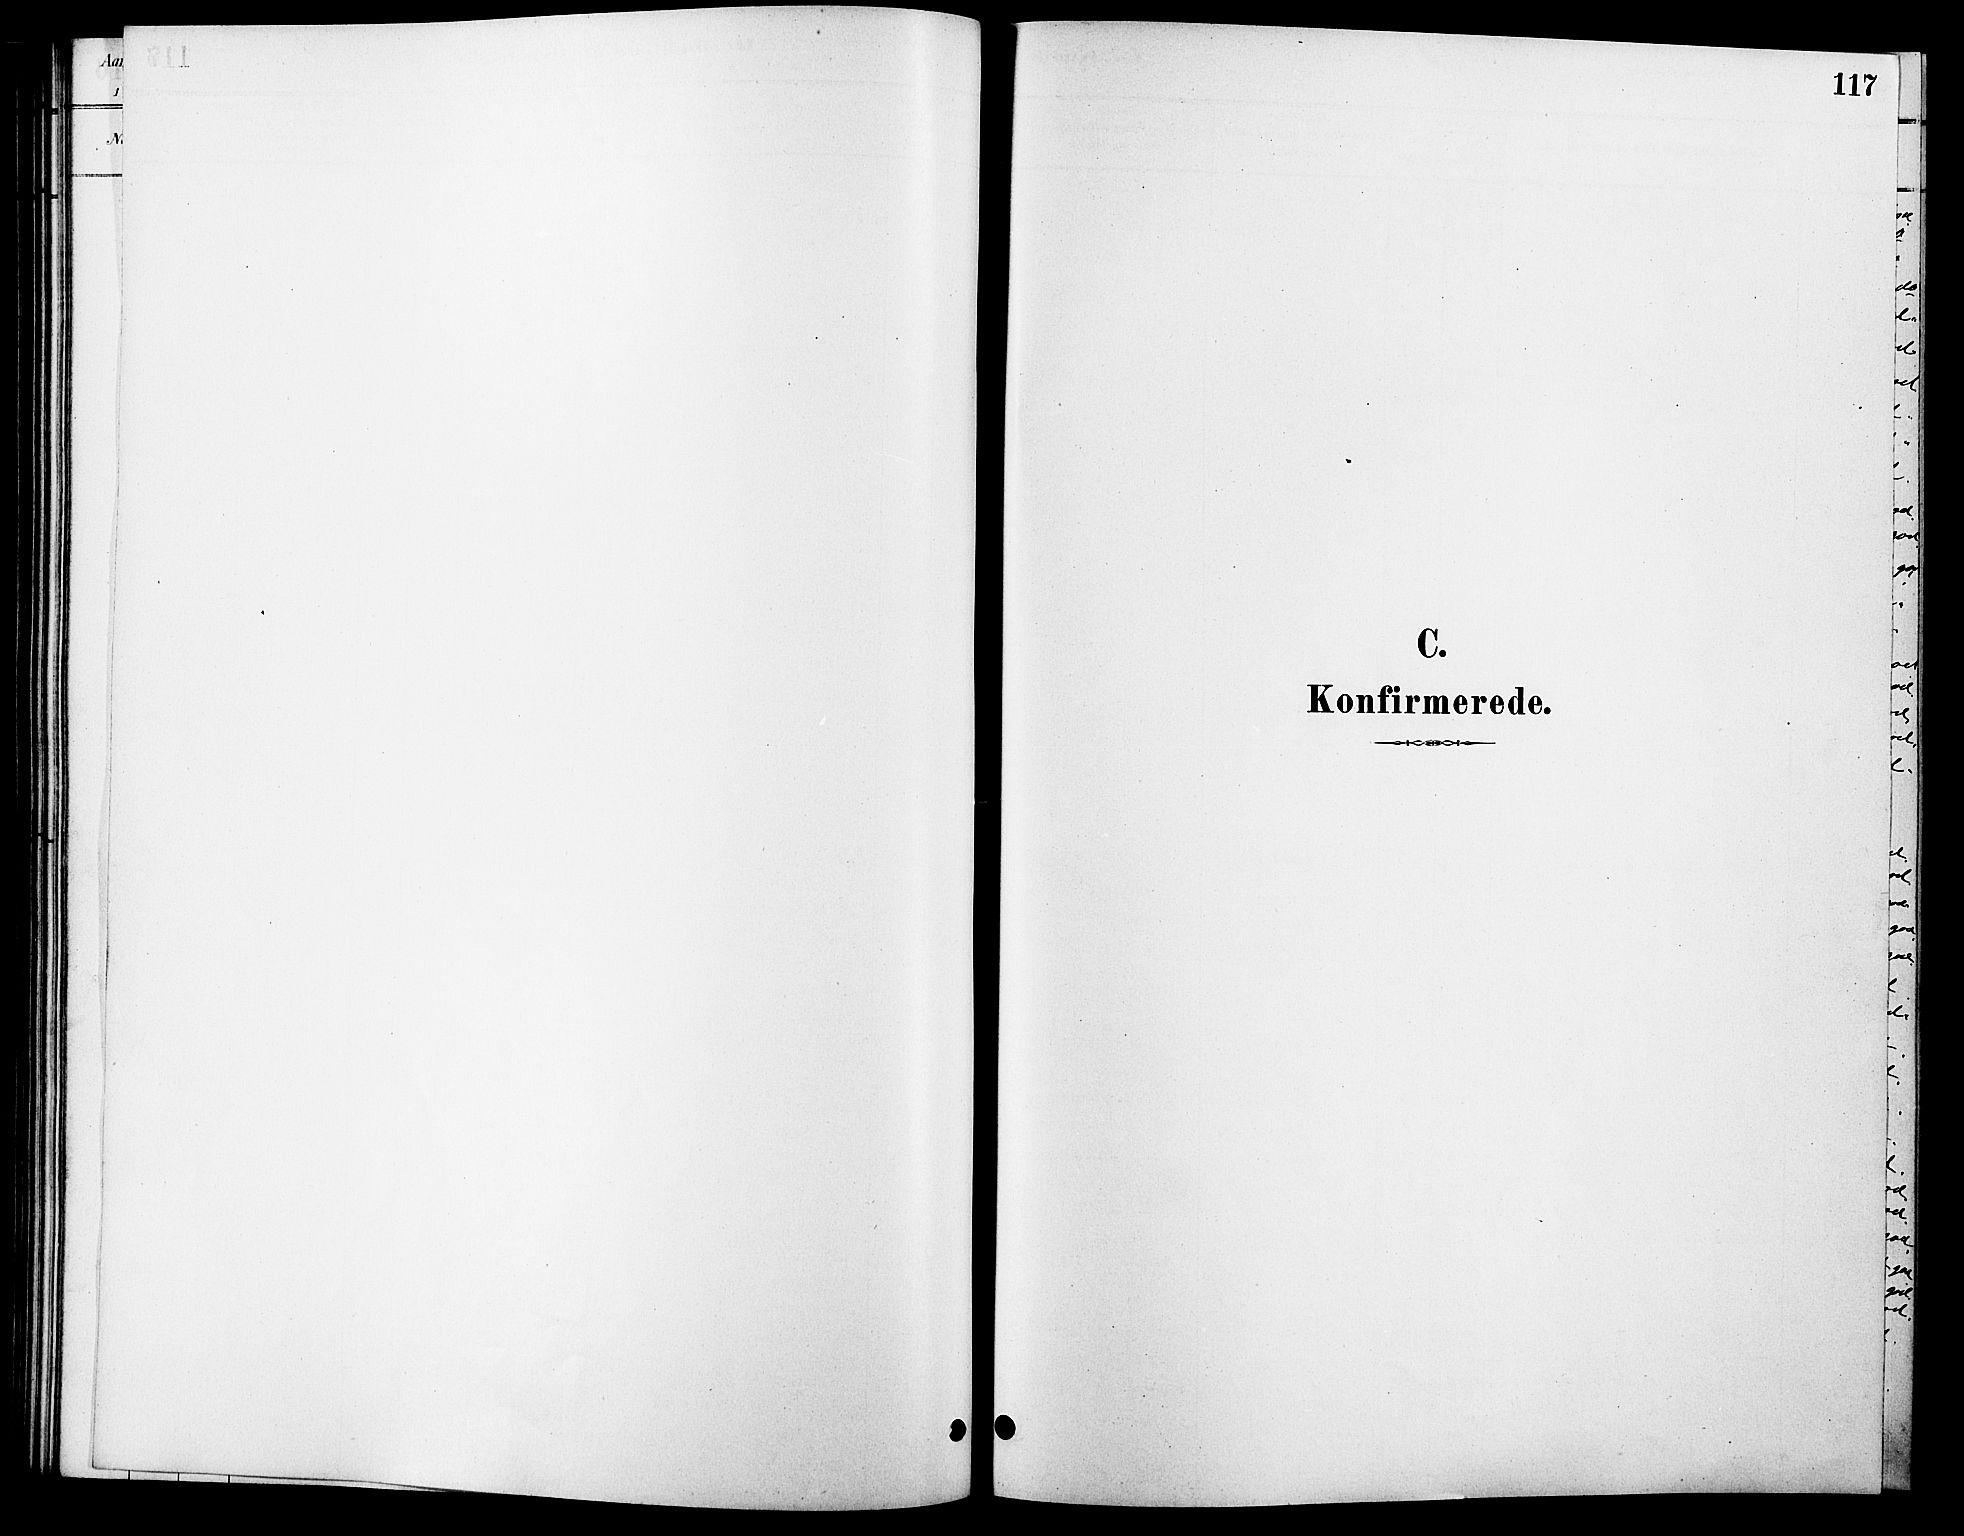 SAH, Rendalen prestekontor, H/Ha/Hab/L0003: Klokkerbok nr. 3, 1879-1904, s. 117